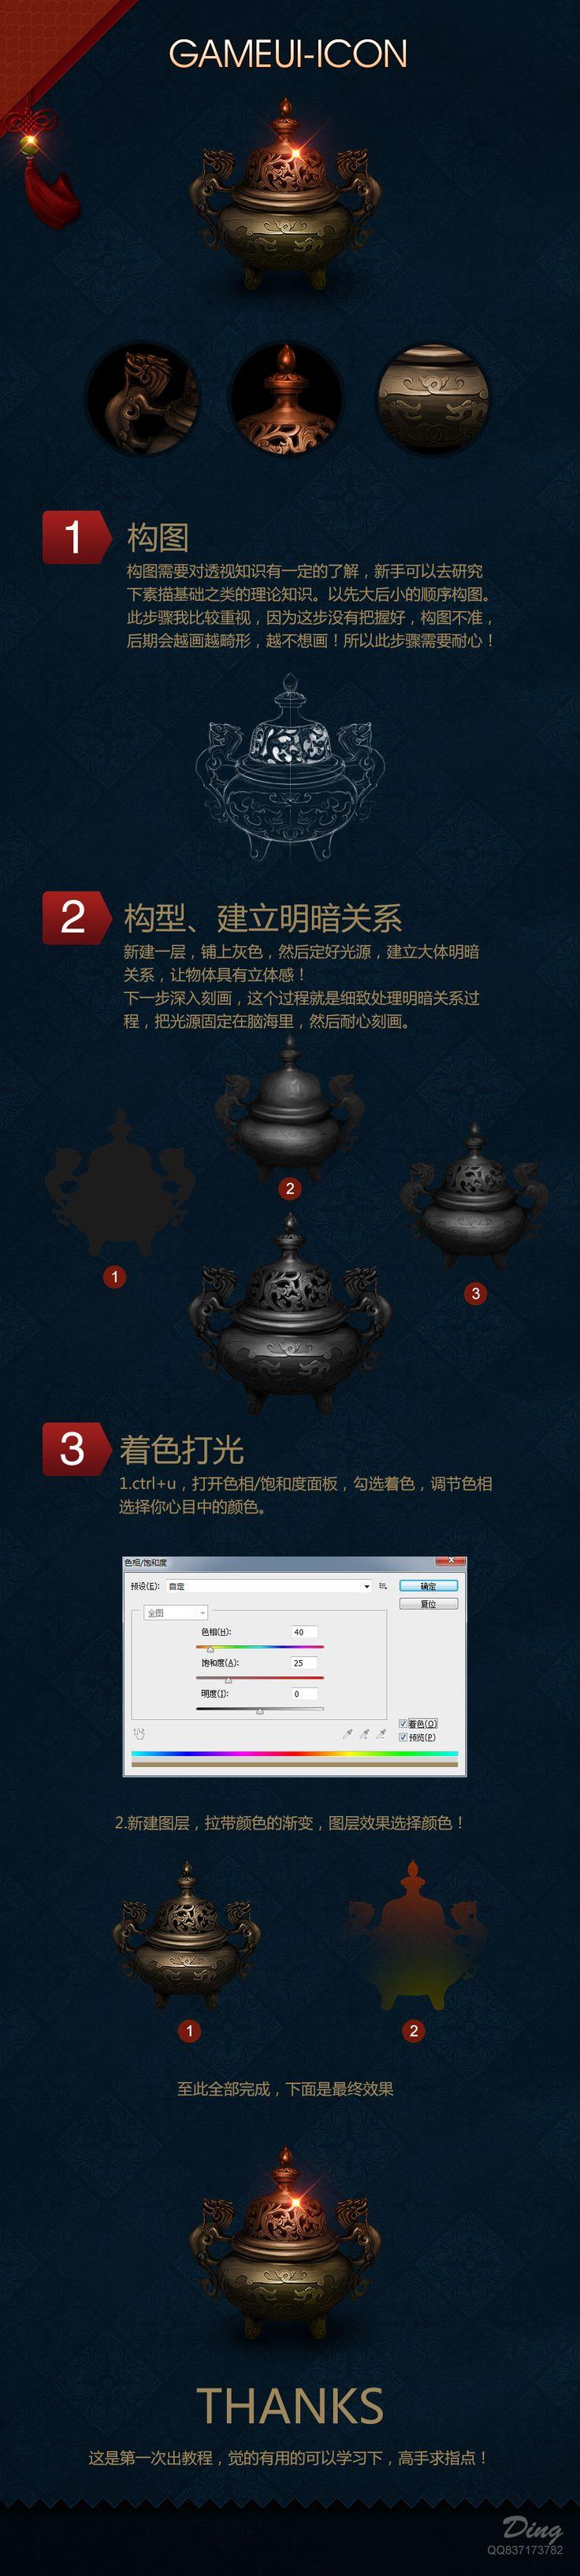 铜香炉绘制教程 |GAMEUI- 游戏设计圈聚集地 | 游戏UI | 游戏界面 | 游戏图标 | 游戏网站 | 游戏群 | 游戏设计